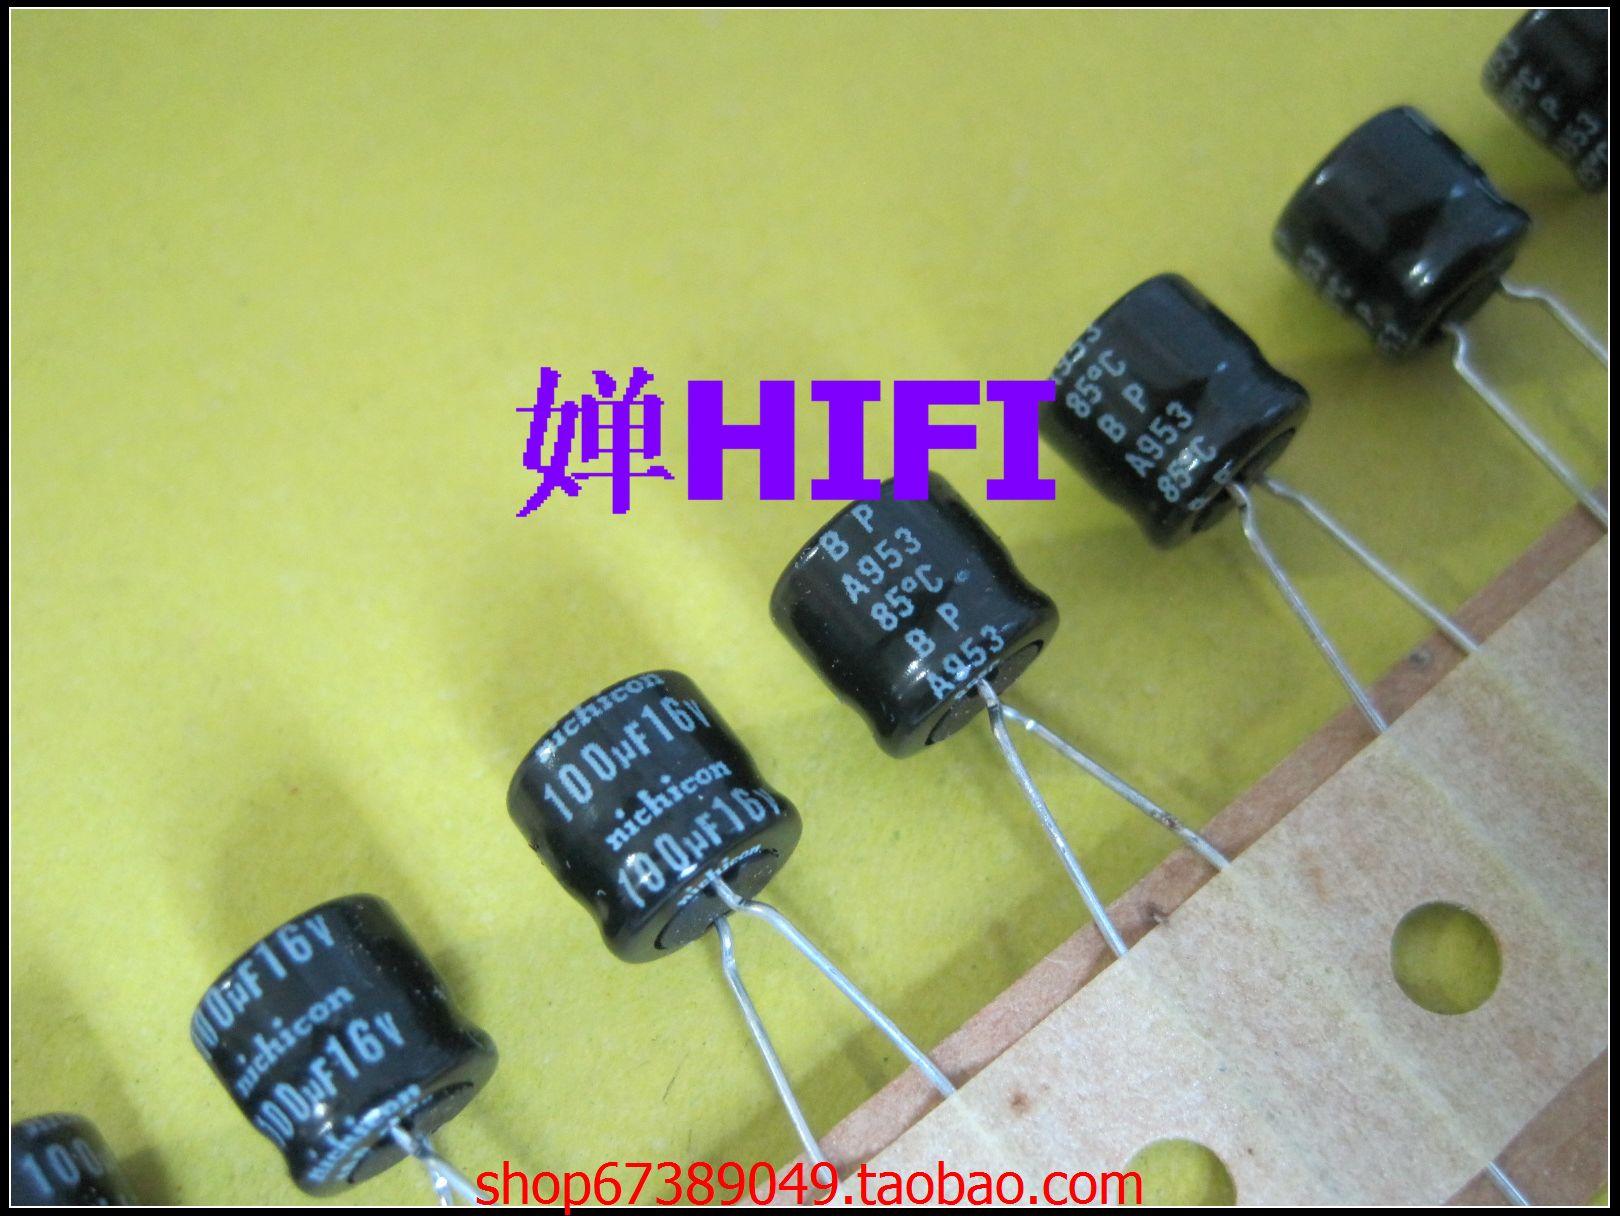 Sale Np-bp 50pcs Nichicon Japonês Original Capacitor Eletrolítico 16v100uf 8×7 Frete Grátis 2020 Hot 20pcs –